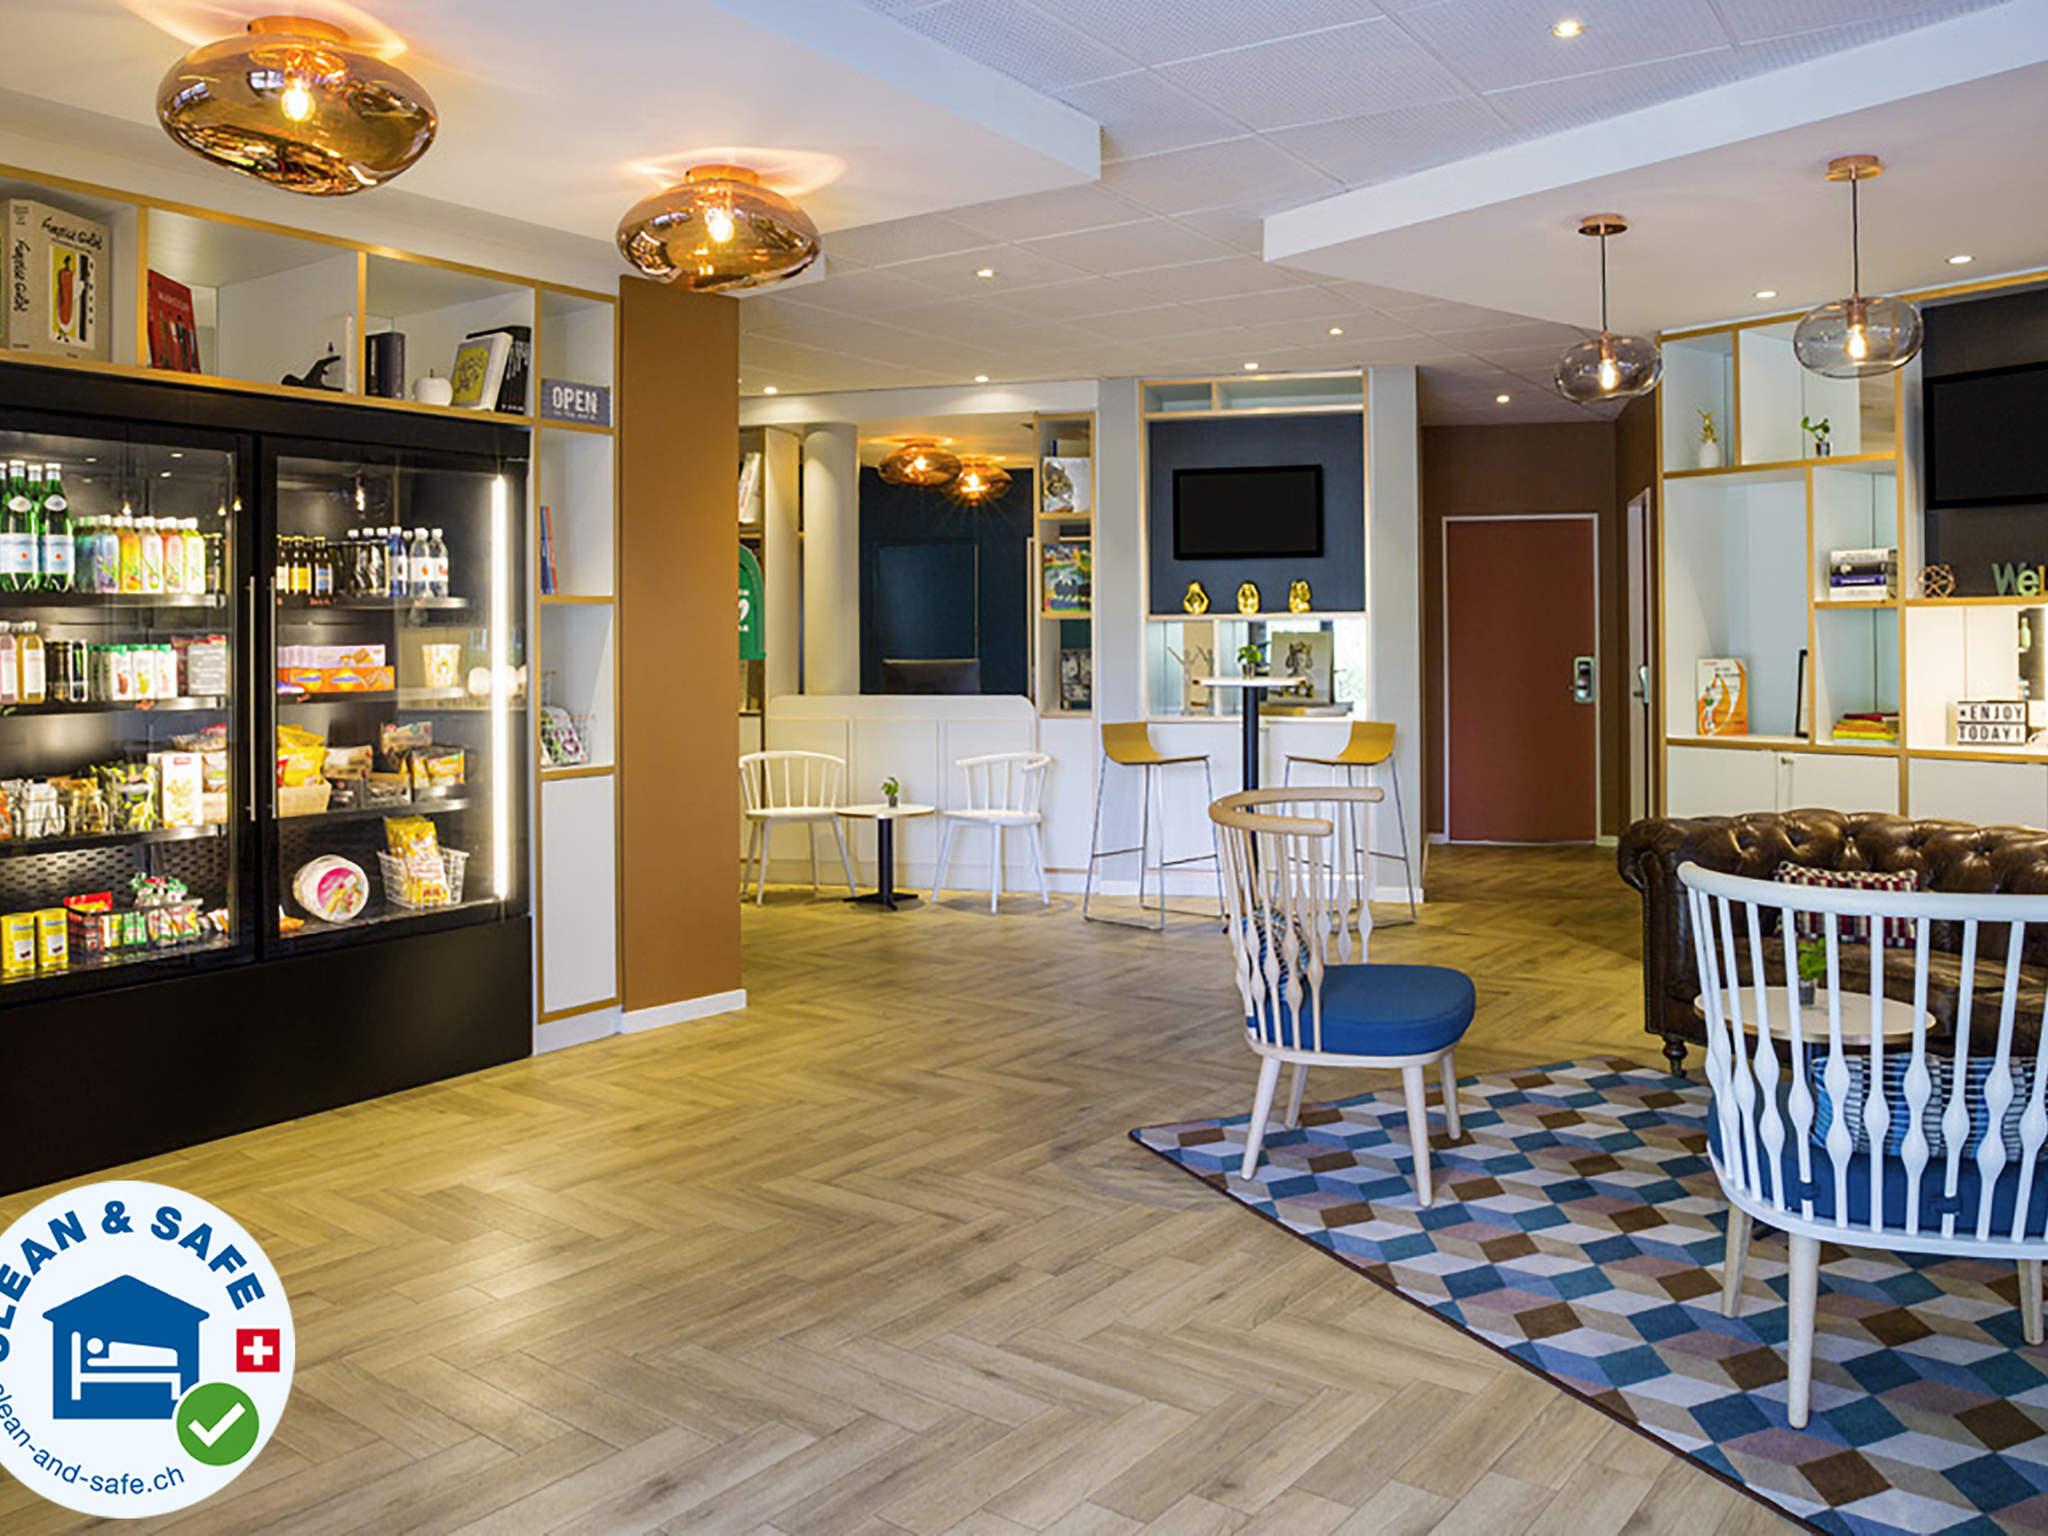 โรงแรม – ไอบิส เชอแนฟ เปอตี ล็องซี